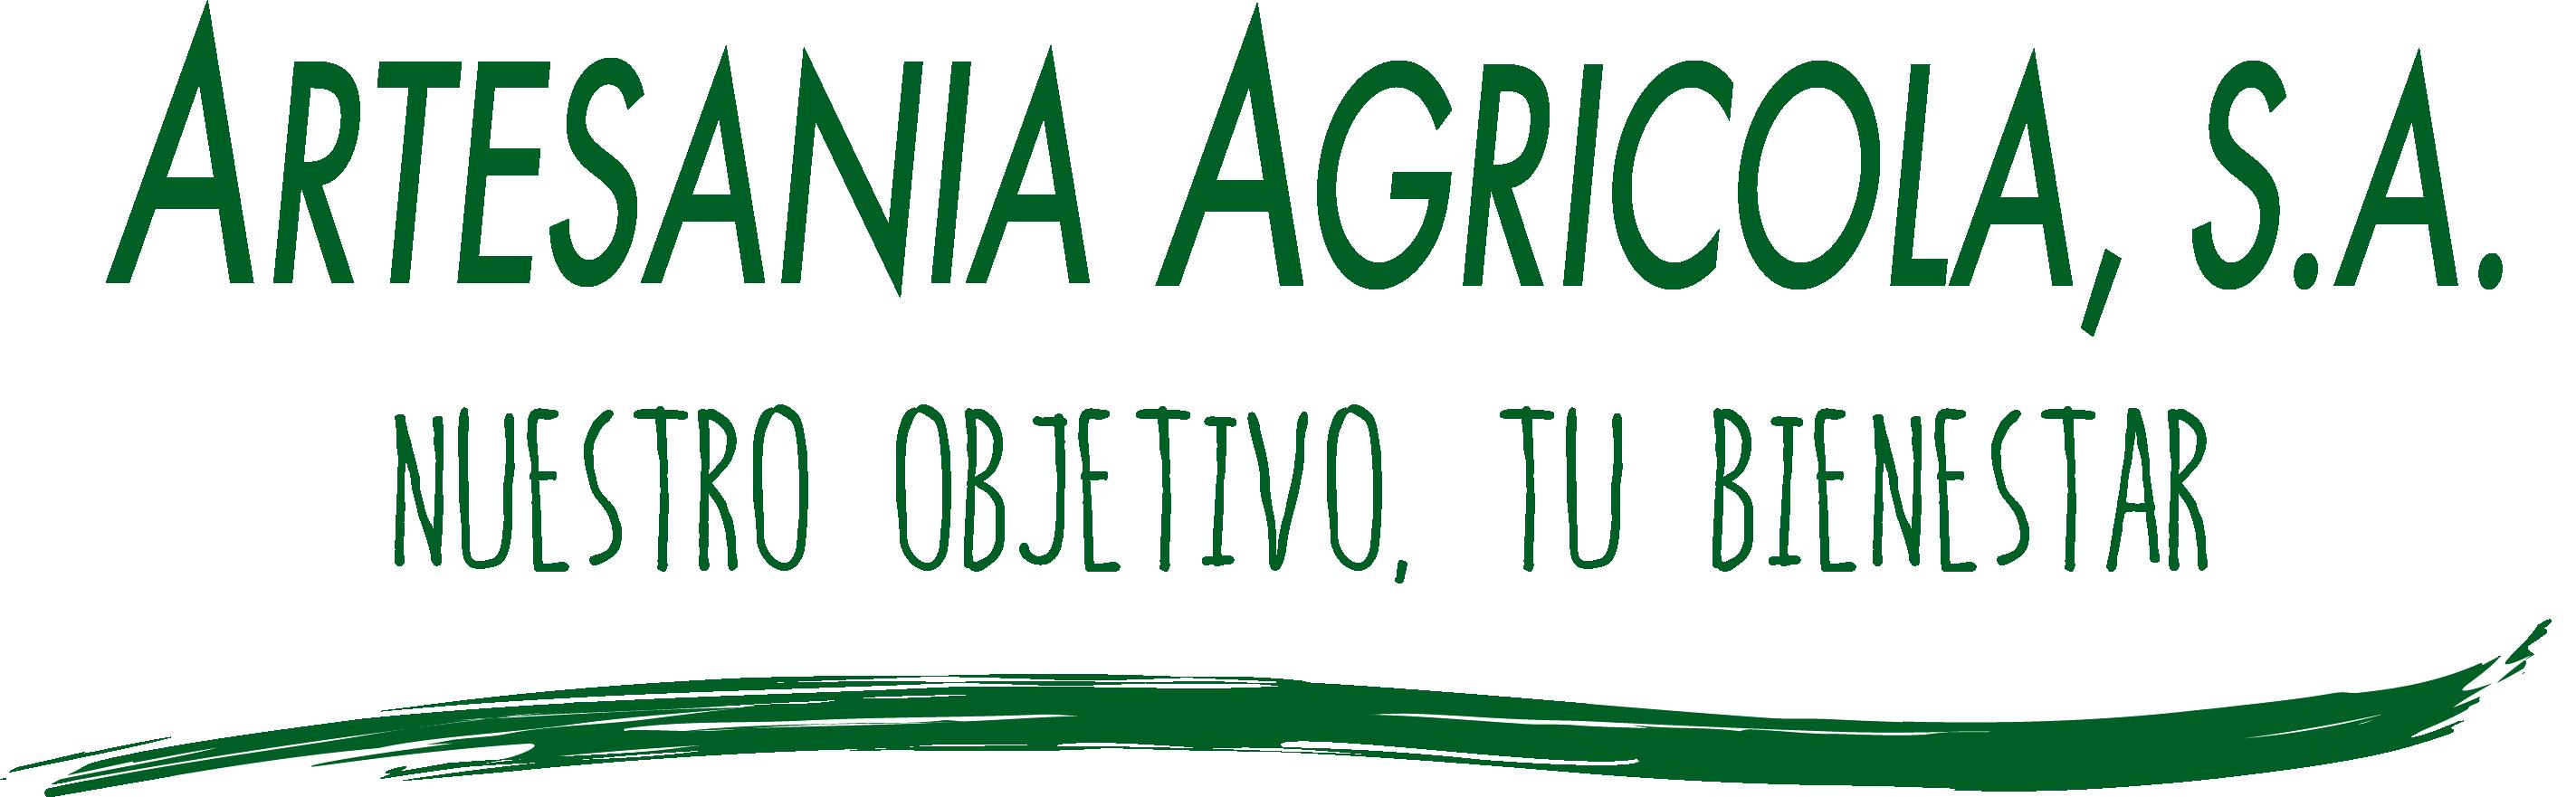 https://campaign-image.com/zohocampaigns/46489000013327004_logo_artesania_con_claim_(1).png